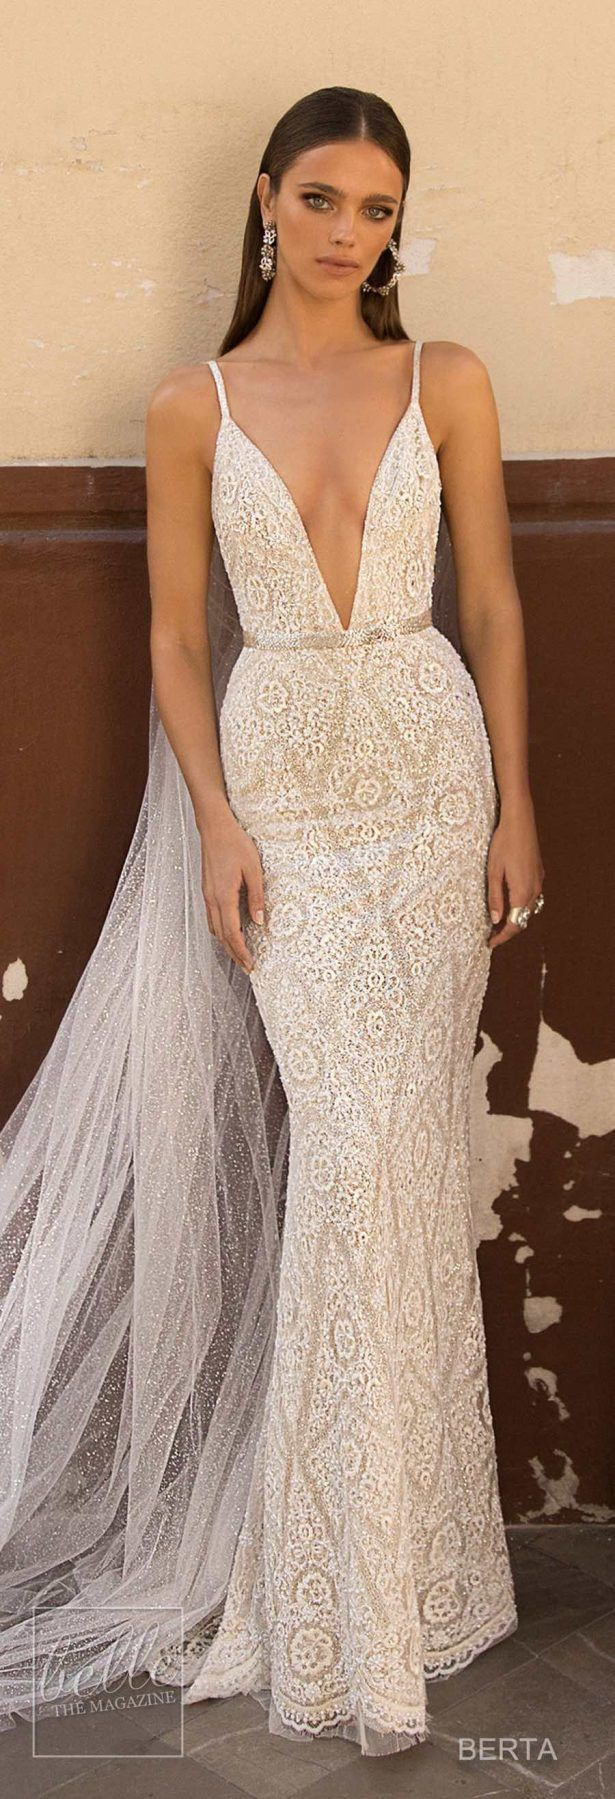 Berta Herbst 2019 Sevilla Brautkleid Kollektion Mit